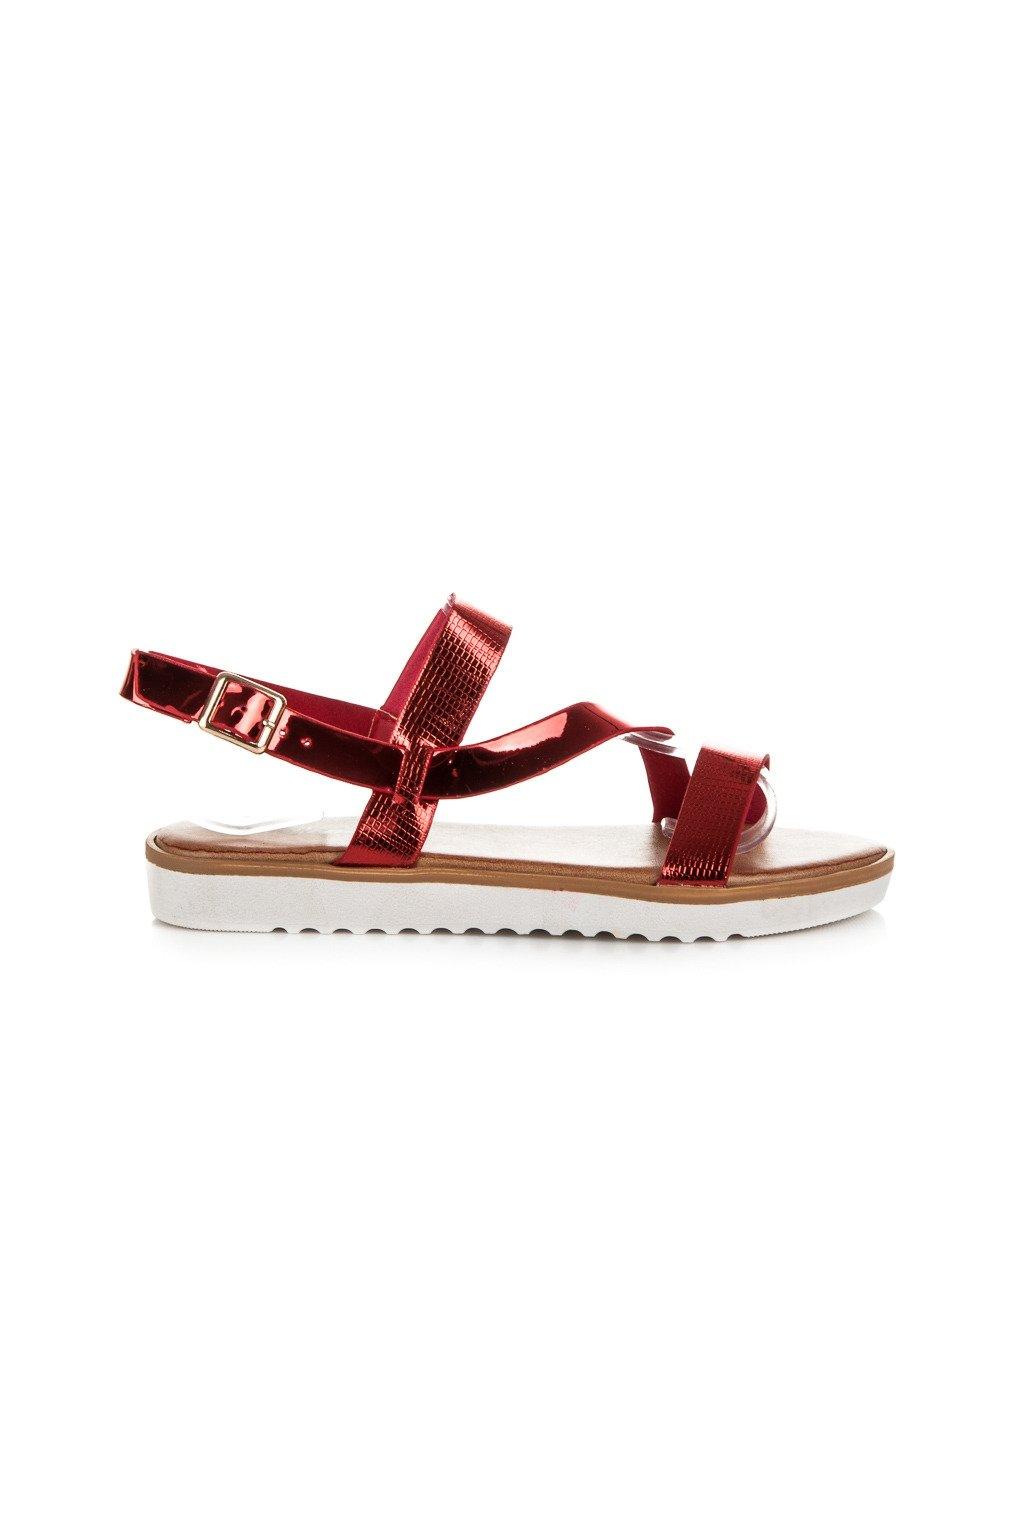 182159 cervene sandale na platforme 620 3r big